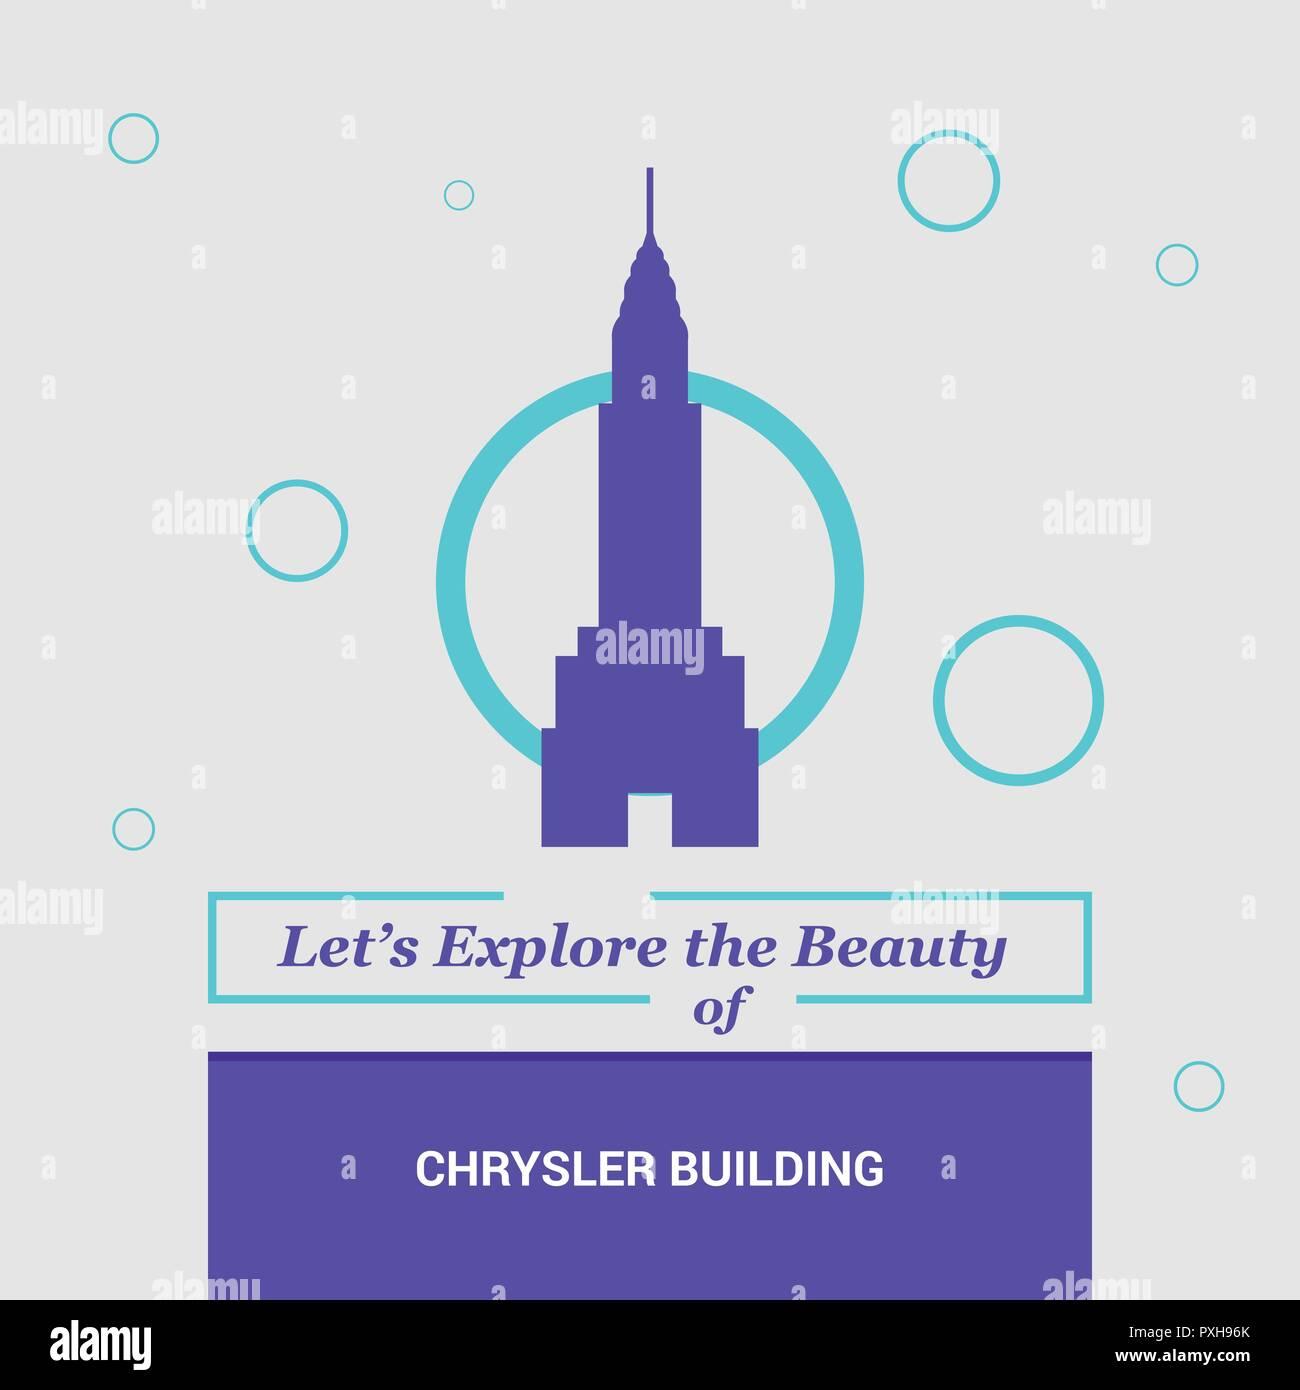 Let's Explore the beauty of Chrysler Building Manhattan, New York National Landmarks - Stock Vector